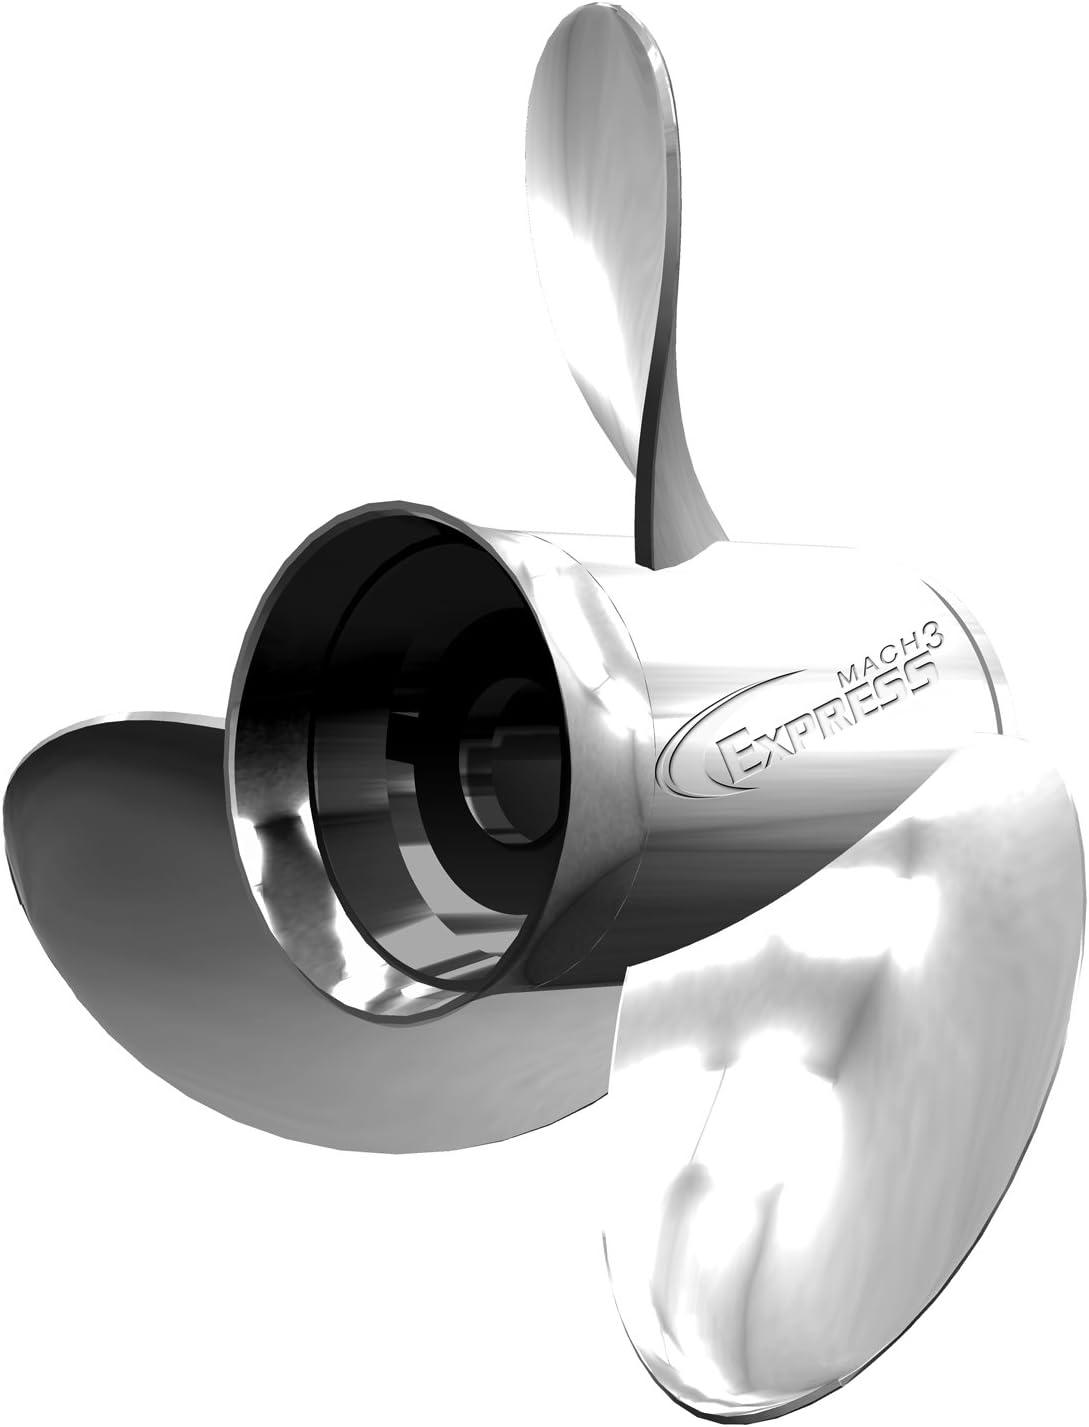 Turning Point Propeller 31501722 Express Left Stainless 3-Blade Propeller 14-1//4 X 17